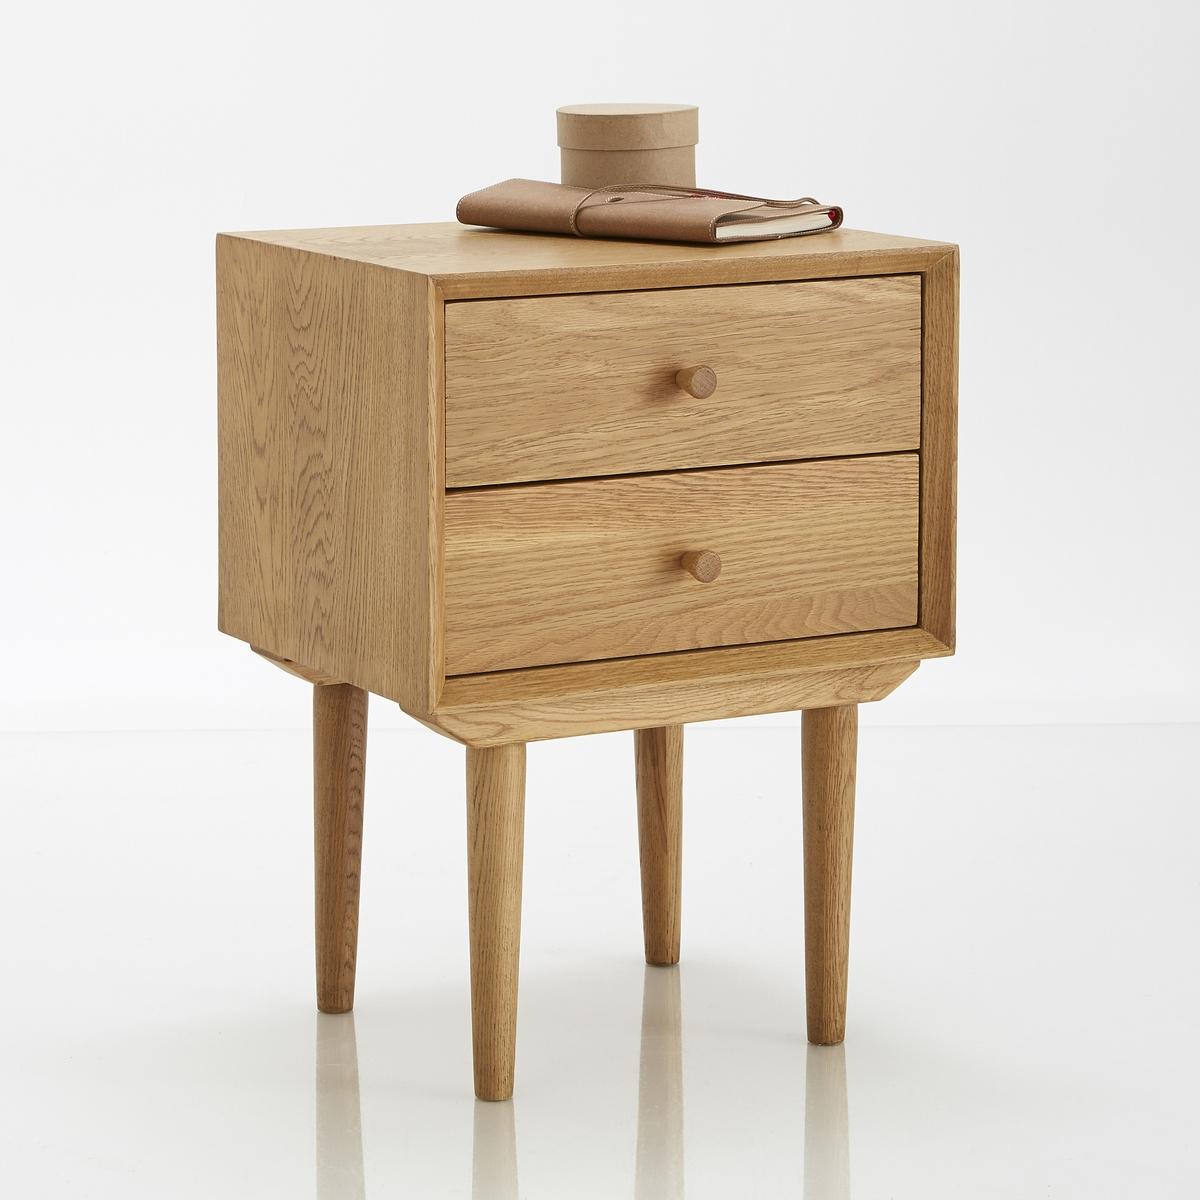 Столик прикроватный, QuildaСтолик прикроватный, 2 ящика, дуб,  Quilda: нестареющий винтаж- столик с 2 ящиками, практичный и эстетичный, подойдет к интерьеру любого стиля. Компактен, подходит даже для небольших помещений. Описание  :2 ящика Характеристики :Ножки из массива дуба Корпус и ящики из дуба и МДФ и  дубовой фанеры Полка из МДФ, дубовая фанера Покрытие лаком Вся коллекция Quilda на сайте  .Размеры  :Длина : 40 смВысота : 55 смГлубина : 33 см.Размеры. внутренние размеры ящика :Длина : 36 смВысота : 11,8 смГлубина : 26,8 см Размеры и вес ящика :1 упаковка46,5 x 39.5 x 39,5 см 13 кг Доставка :Поставляется в разобранном виде . Возможна доставка на дом!Внимание ! Убедитесь в возможности доставки на дом.<br><br>Цвет: светлый дуб